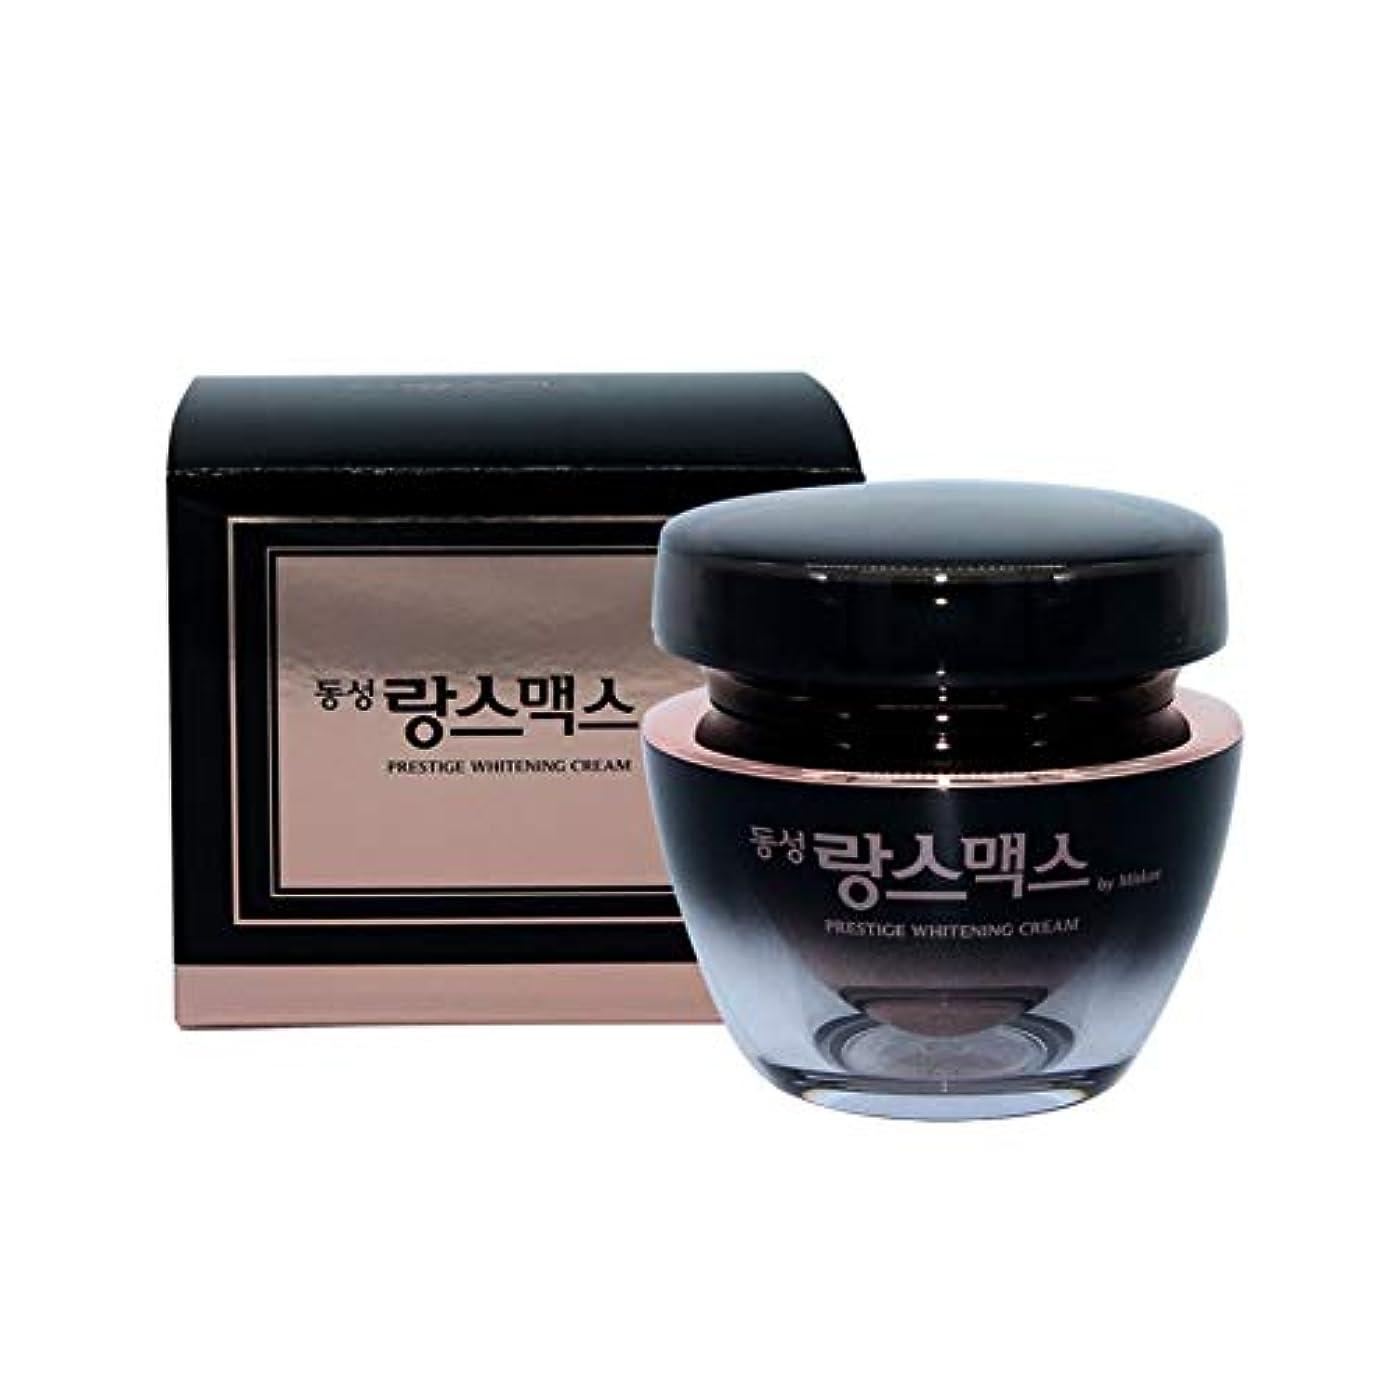 広々とした湿度エンコミウム東星ランスマックスプレステージホワイトニングクリーム50g韓国コスメ、Dong Sung Rannce-Max Prestige Whitening Cream 50g Korean Cosmetics [並行輸入品]